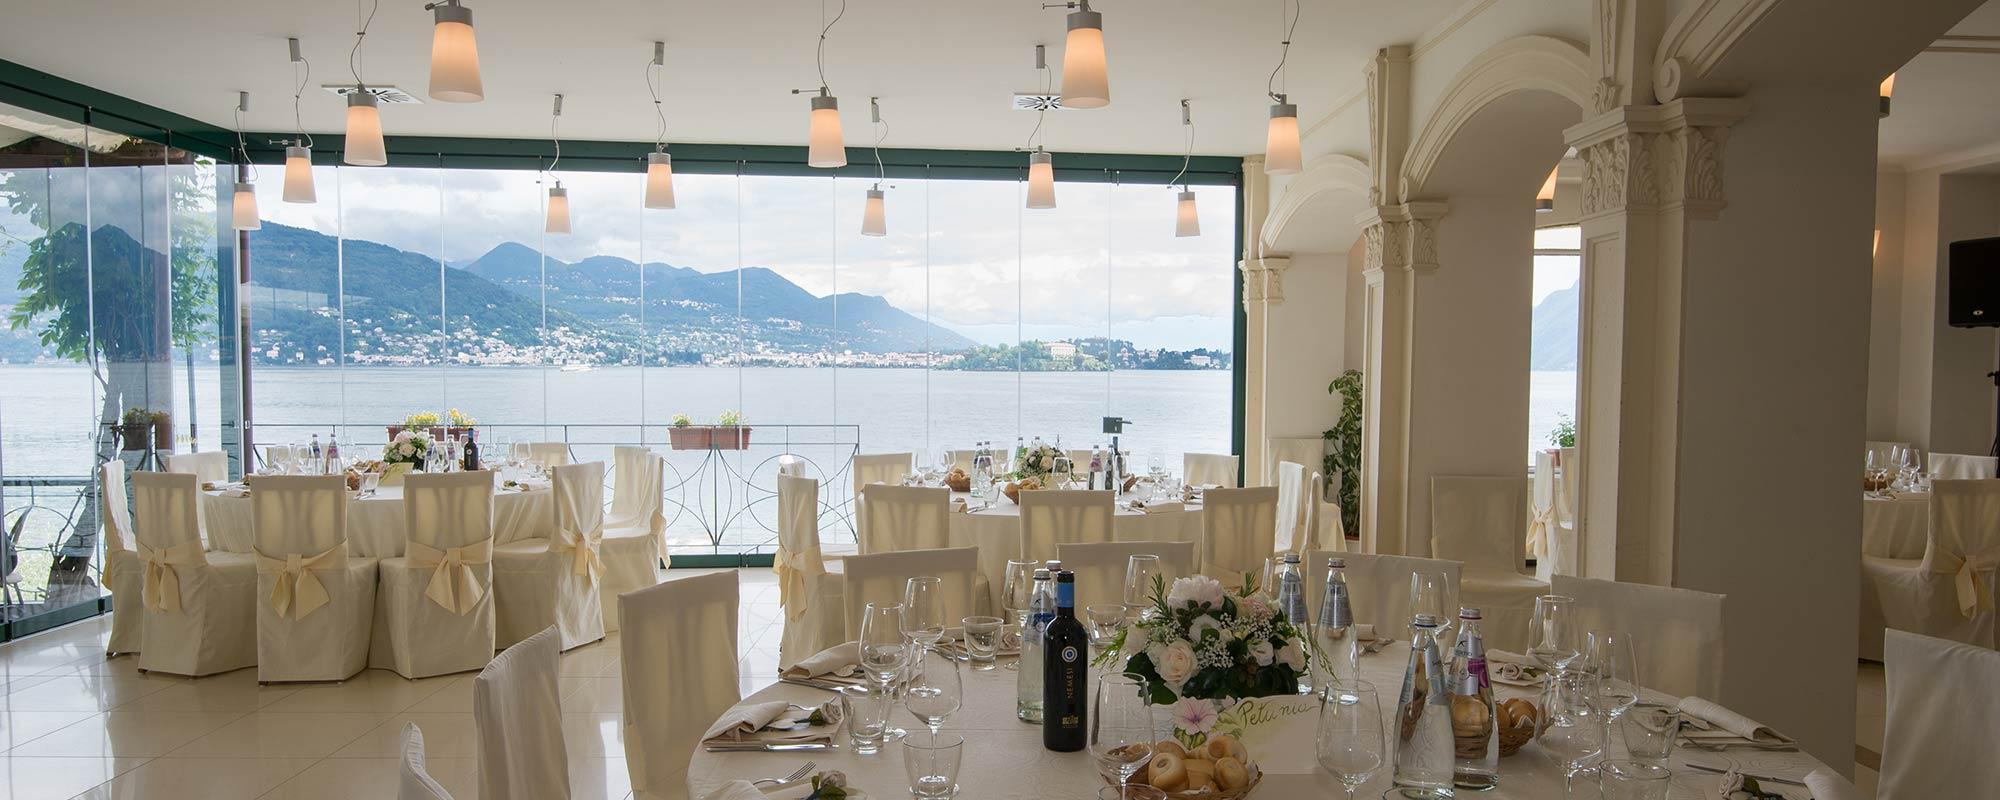 Hotel Ristorante Belvedere matrimonio Isola dei Pescatori